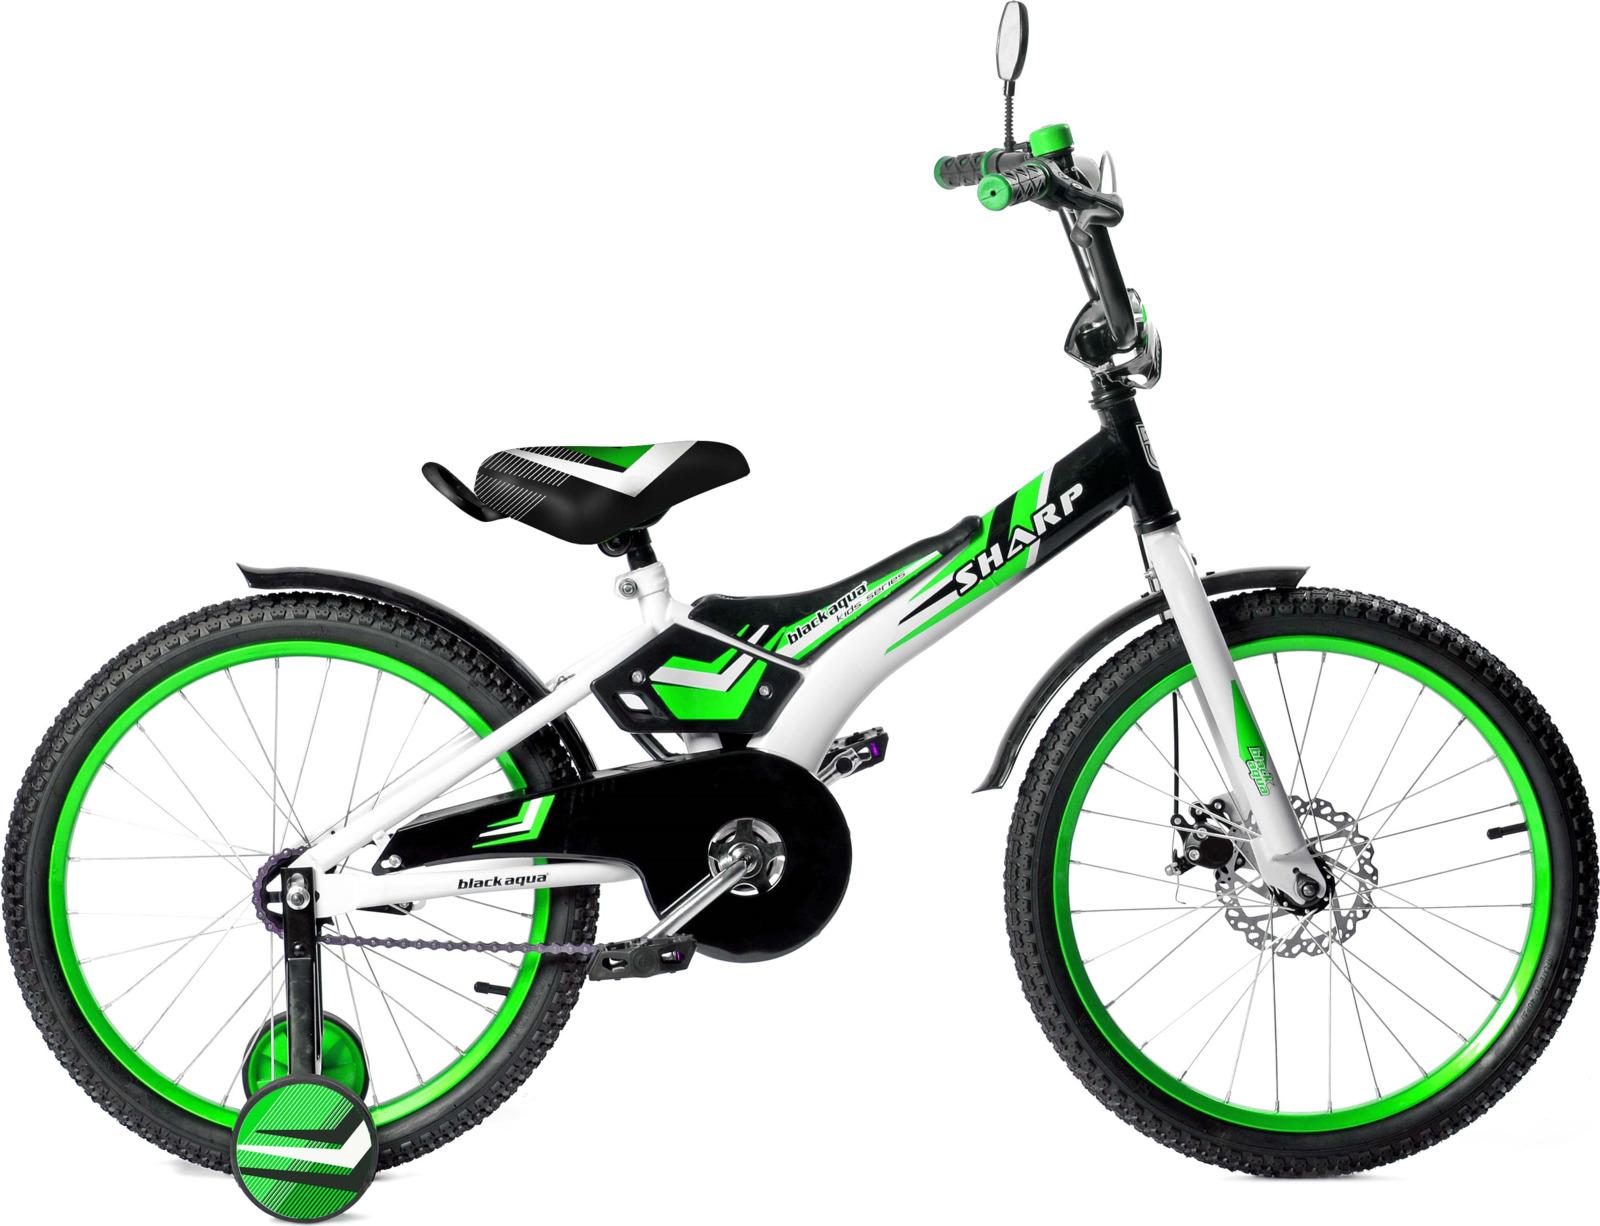 Велосипед детский Black Aqua Sharp, KG1610, колесо 16, зеленый